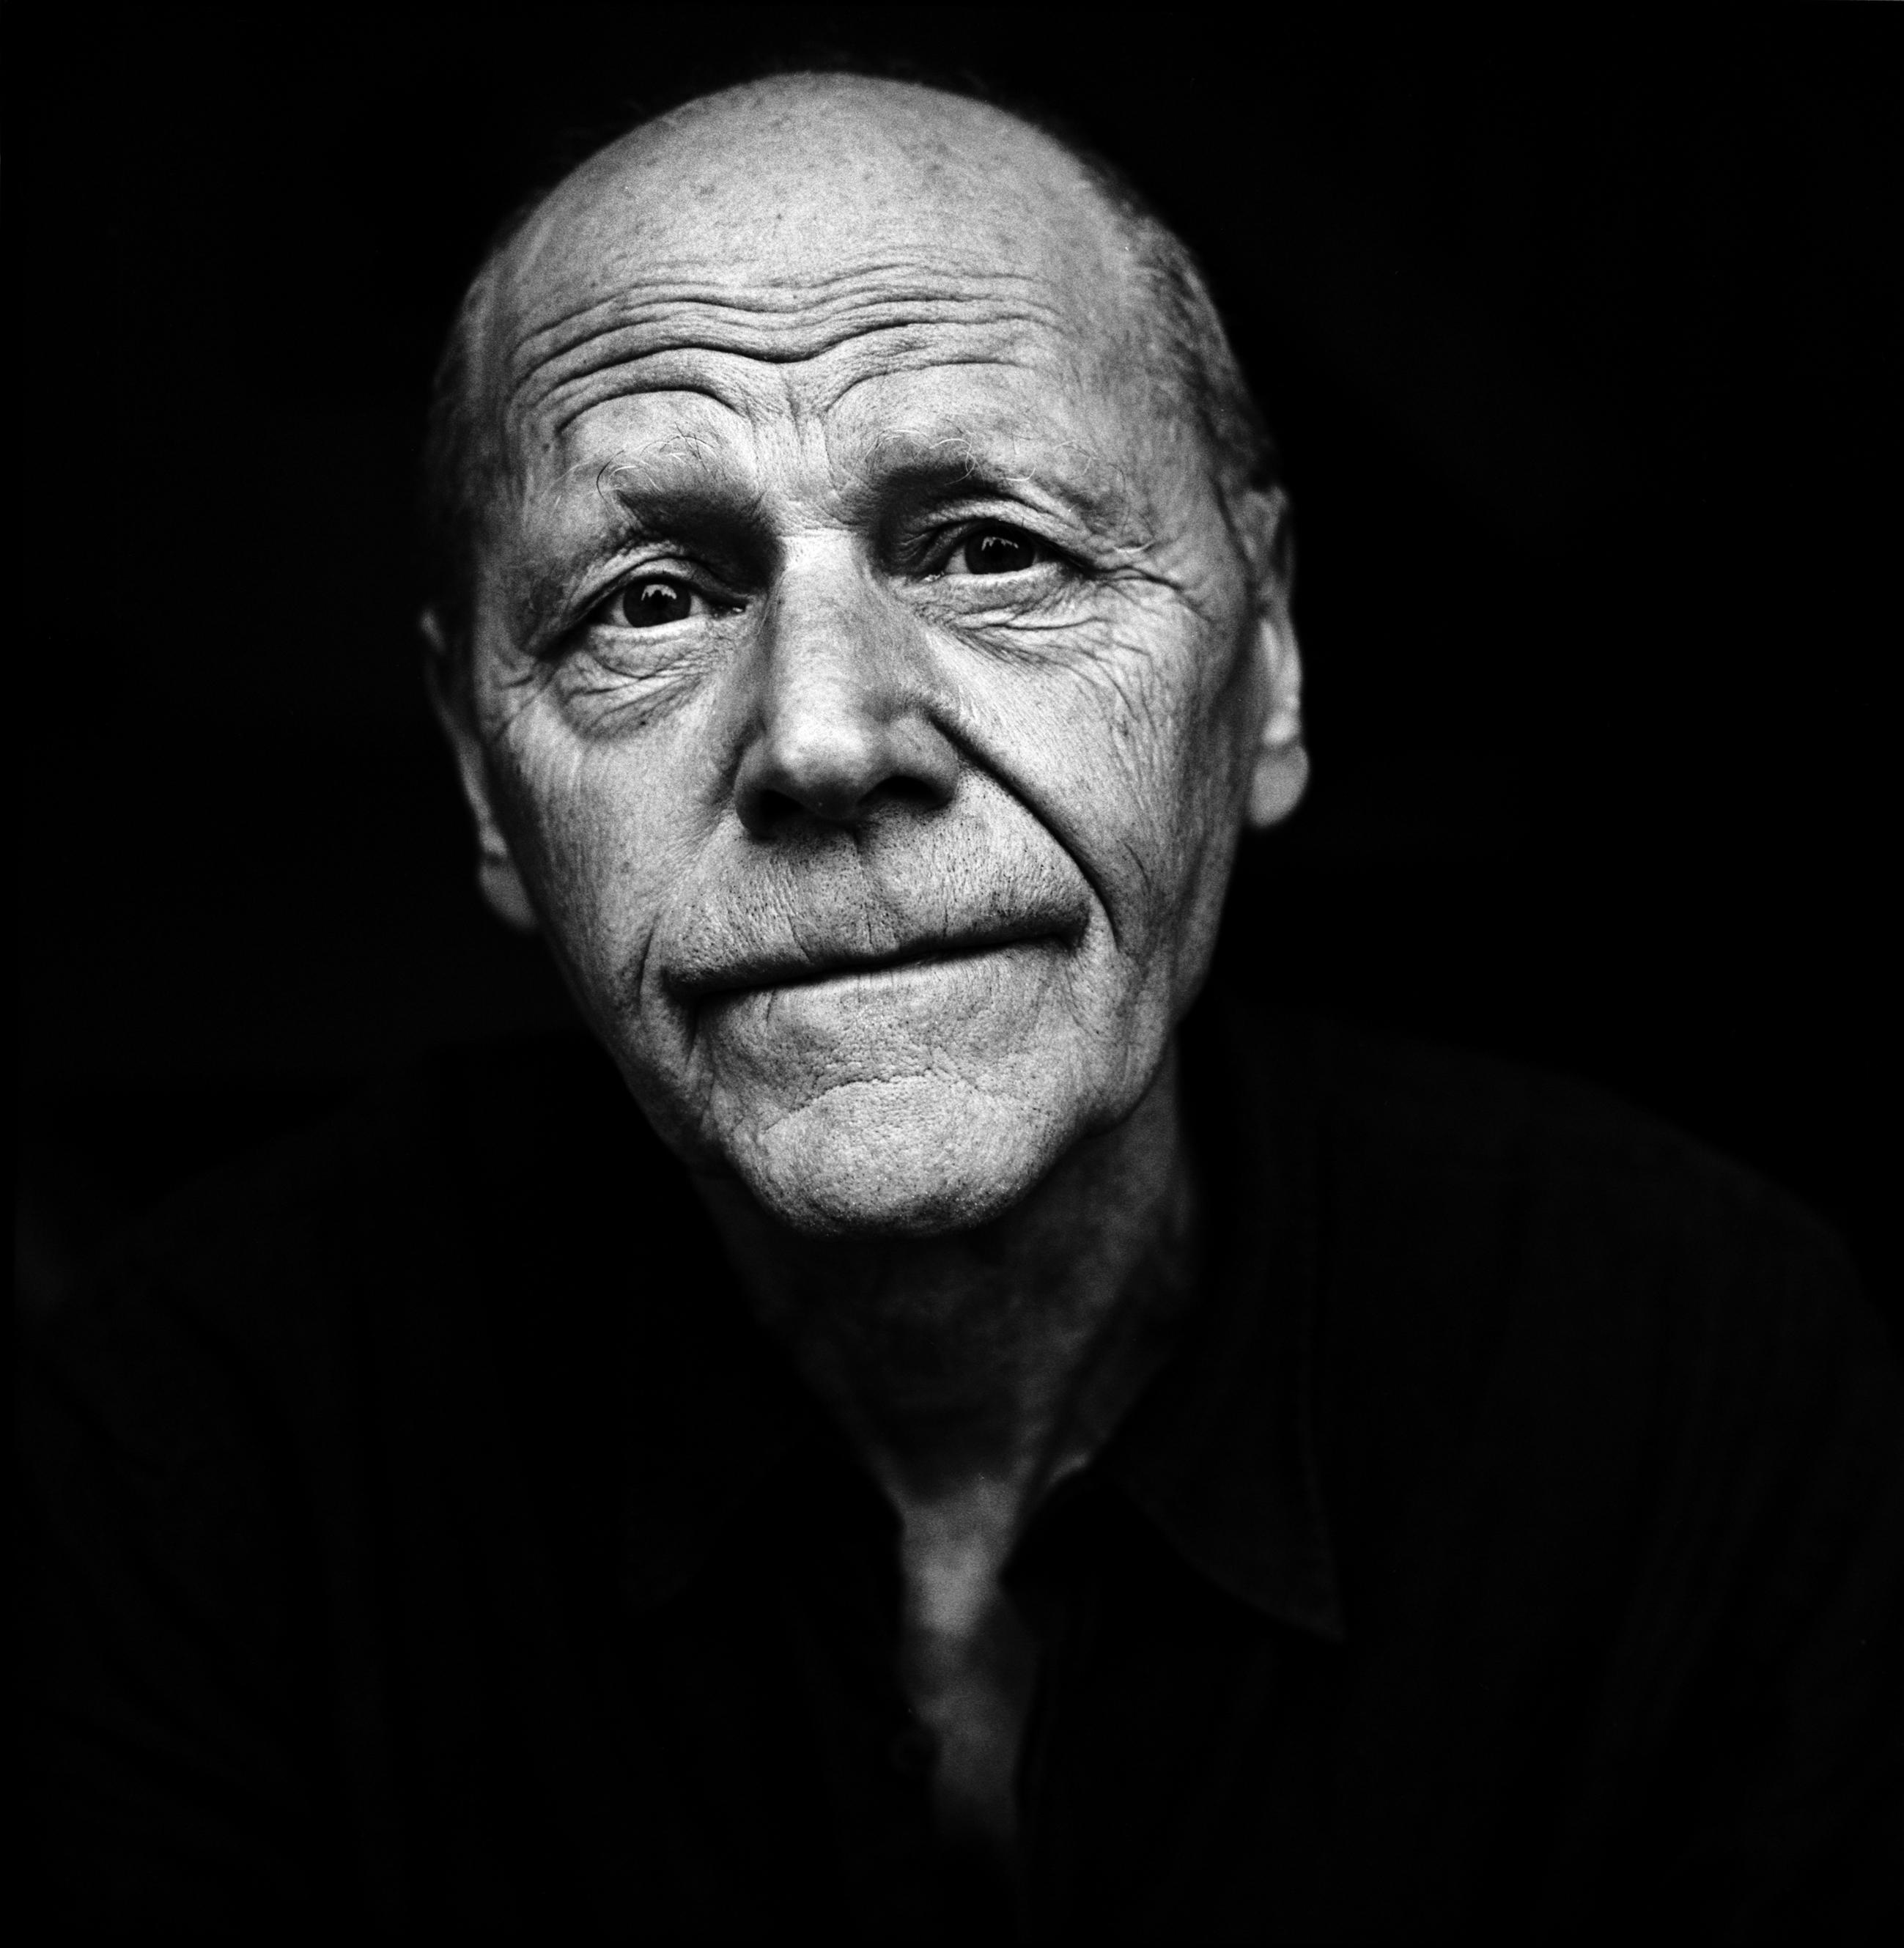 Pierre Michon est le lauréat du Prix Franz Kafka 2019 pour l'ensemble de son œuvre